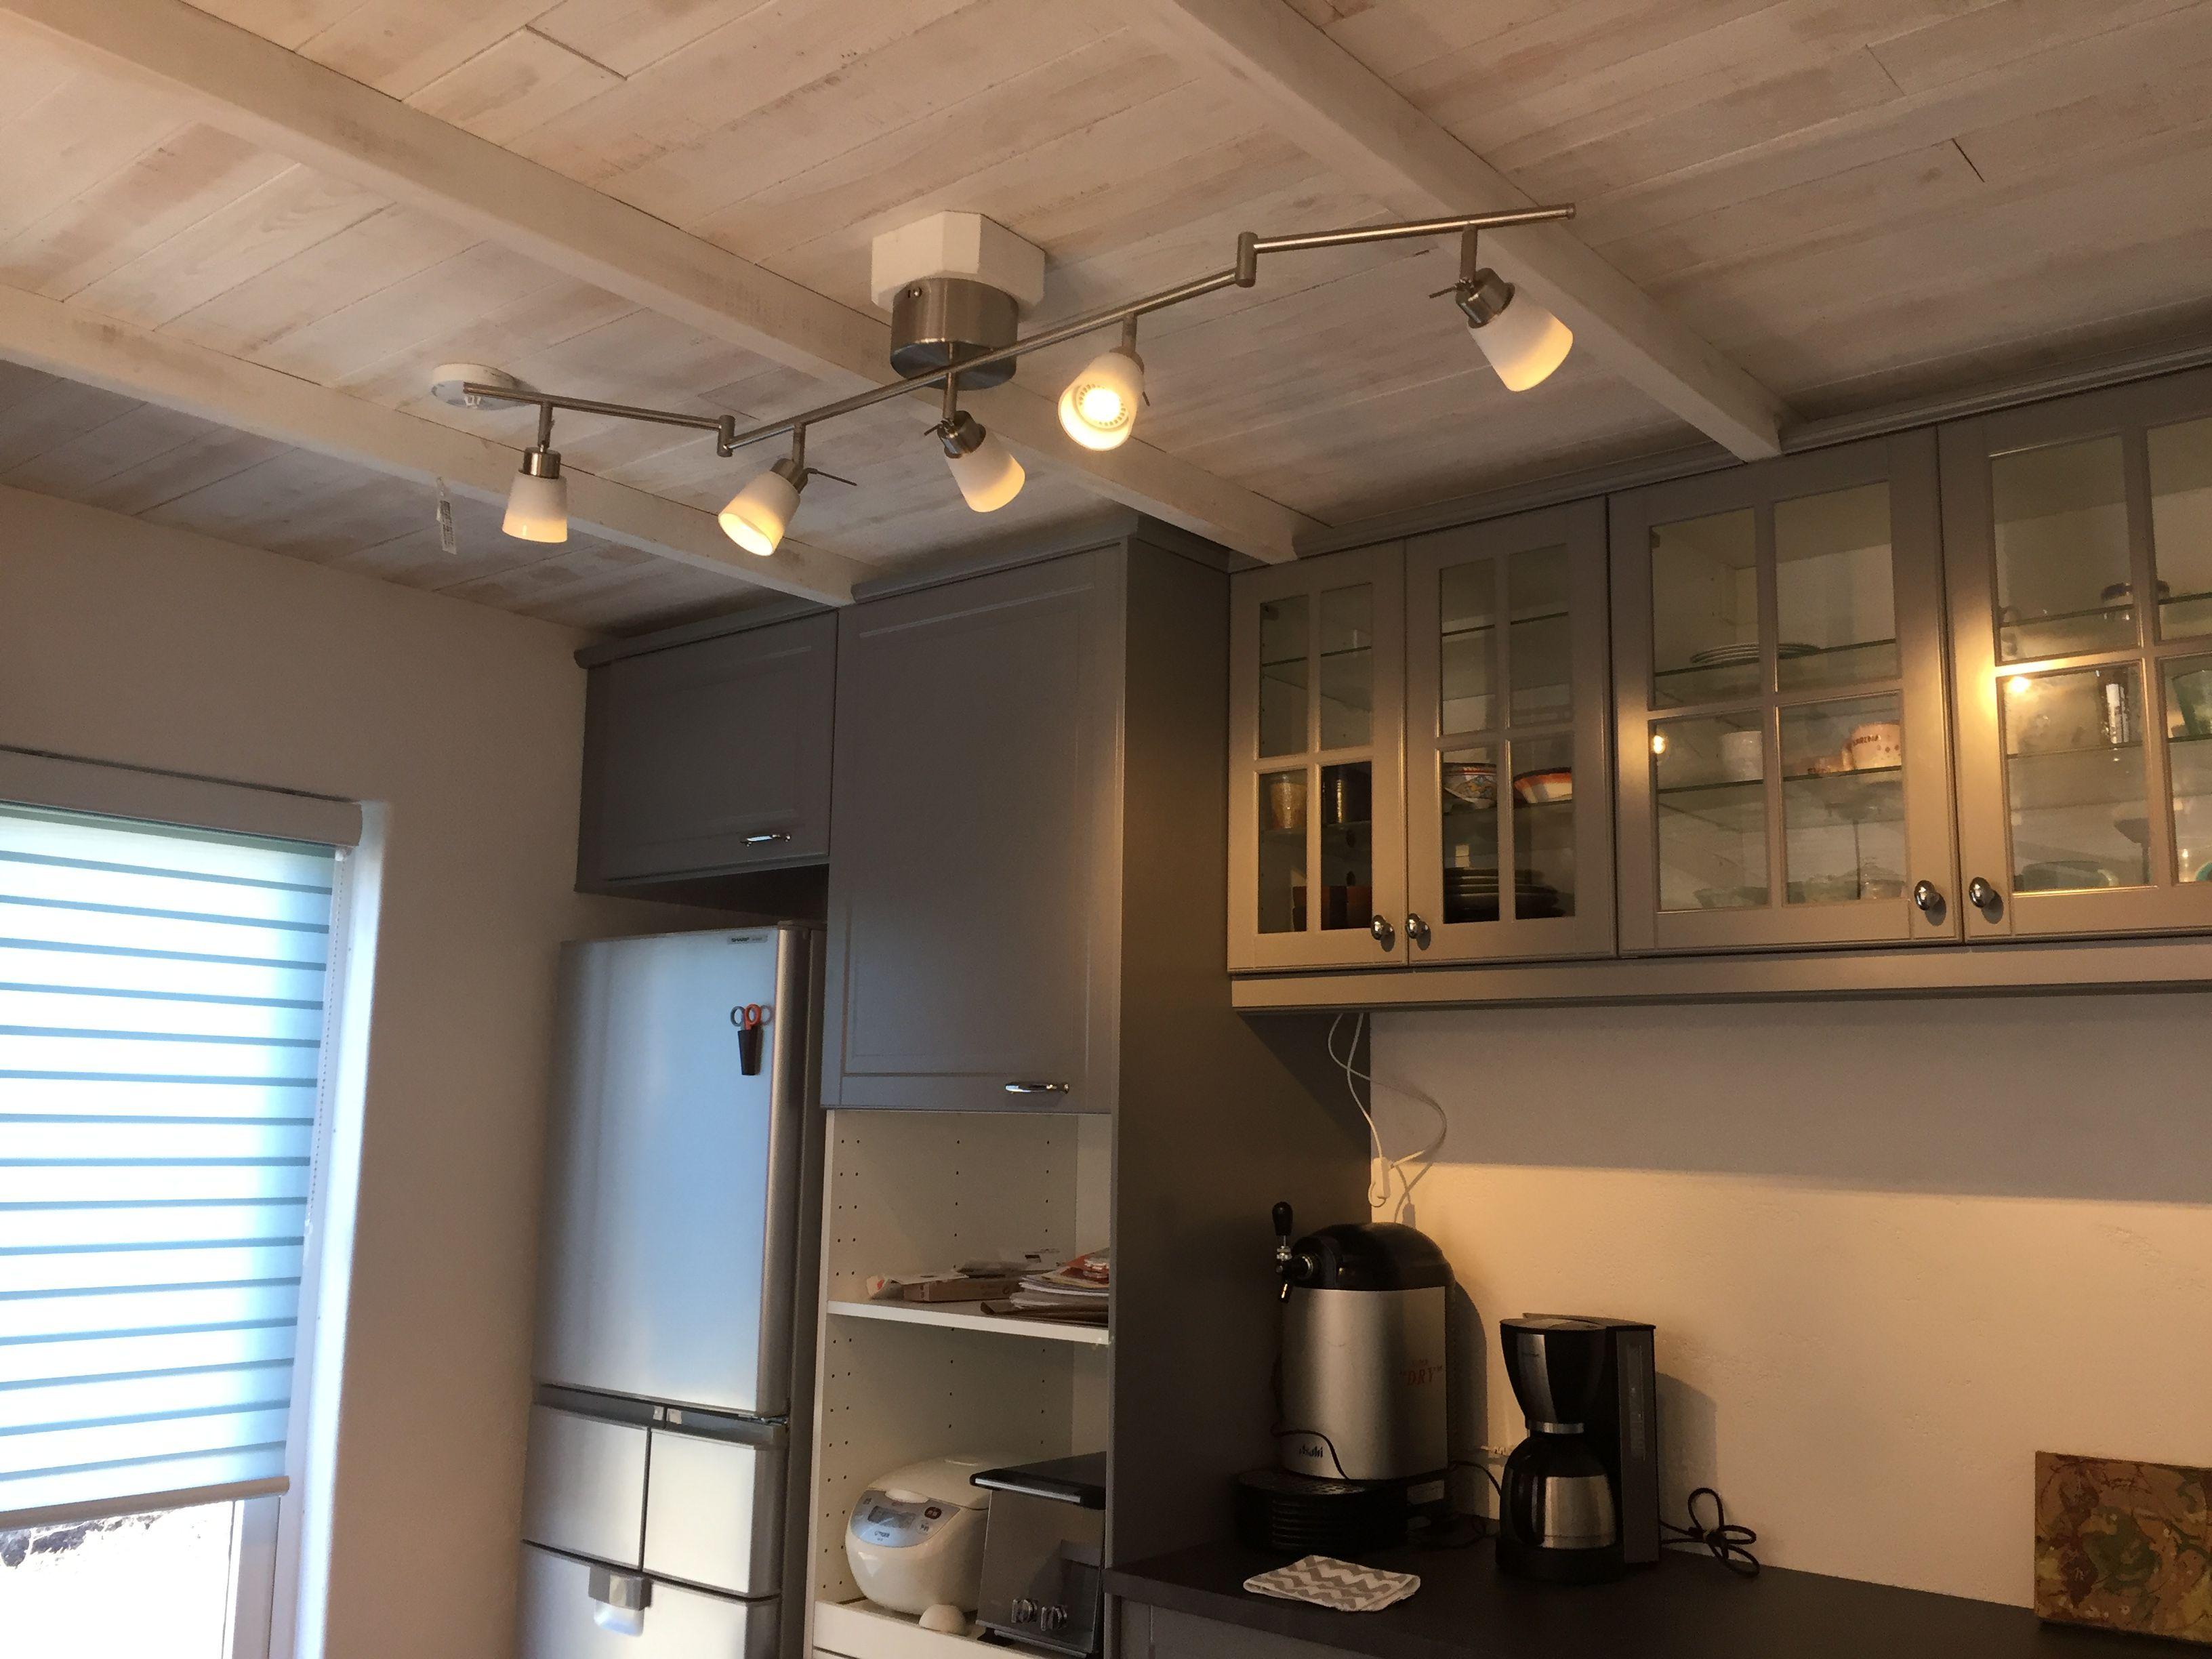 Ikeaでご購入の吊戸棚と収納が職人の技で梁の間にキッチリ収まってい